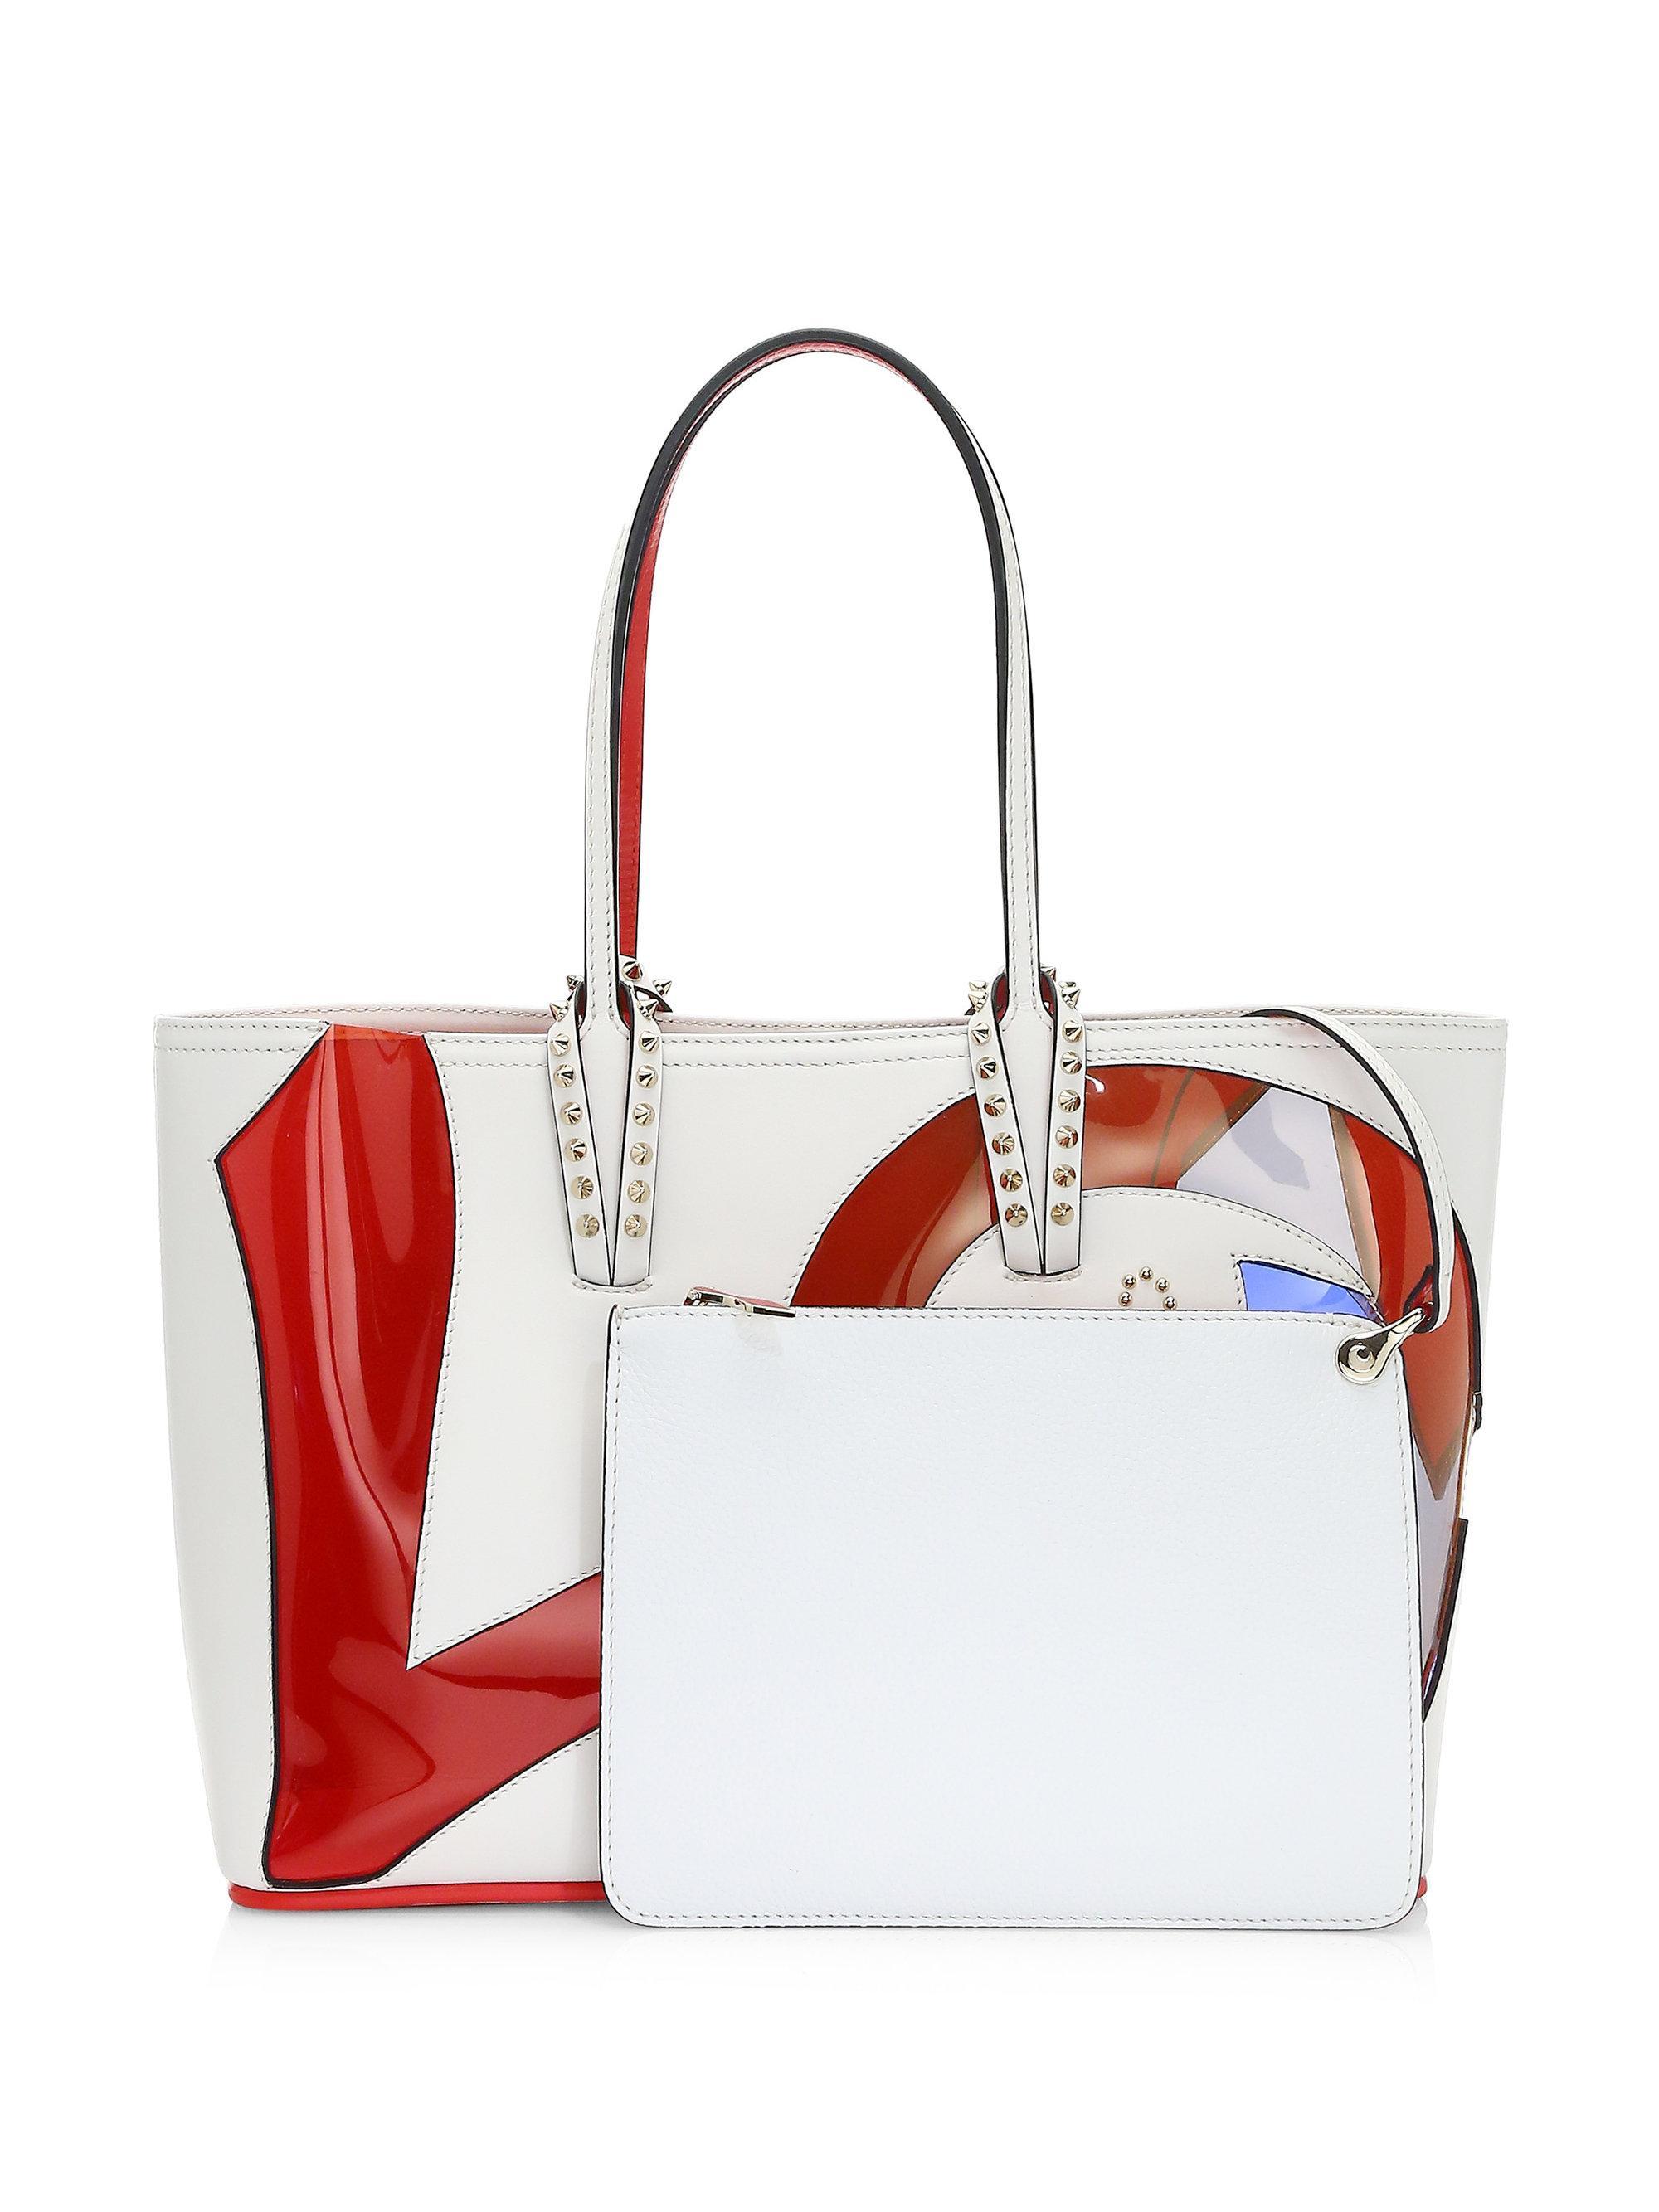 99c817ab2523 Lyst - Christian Louboutin Cabata Love Calf Paris Tote Bag in Red